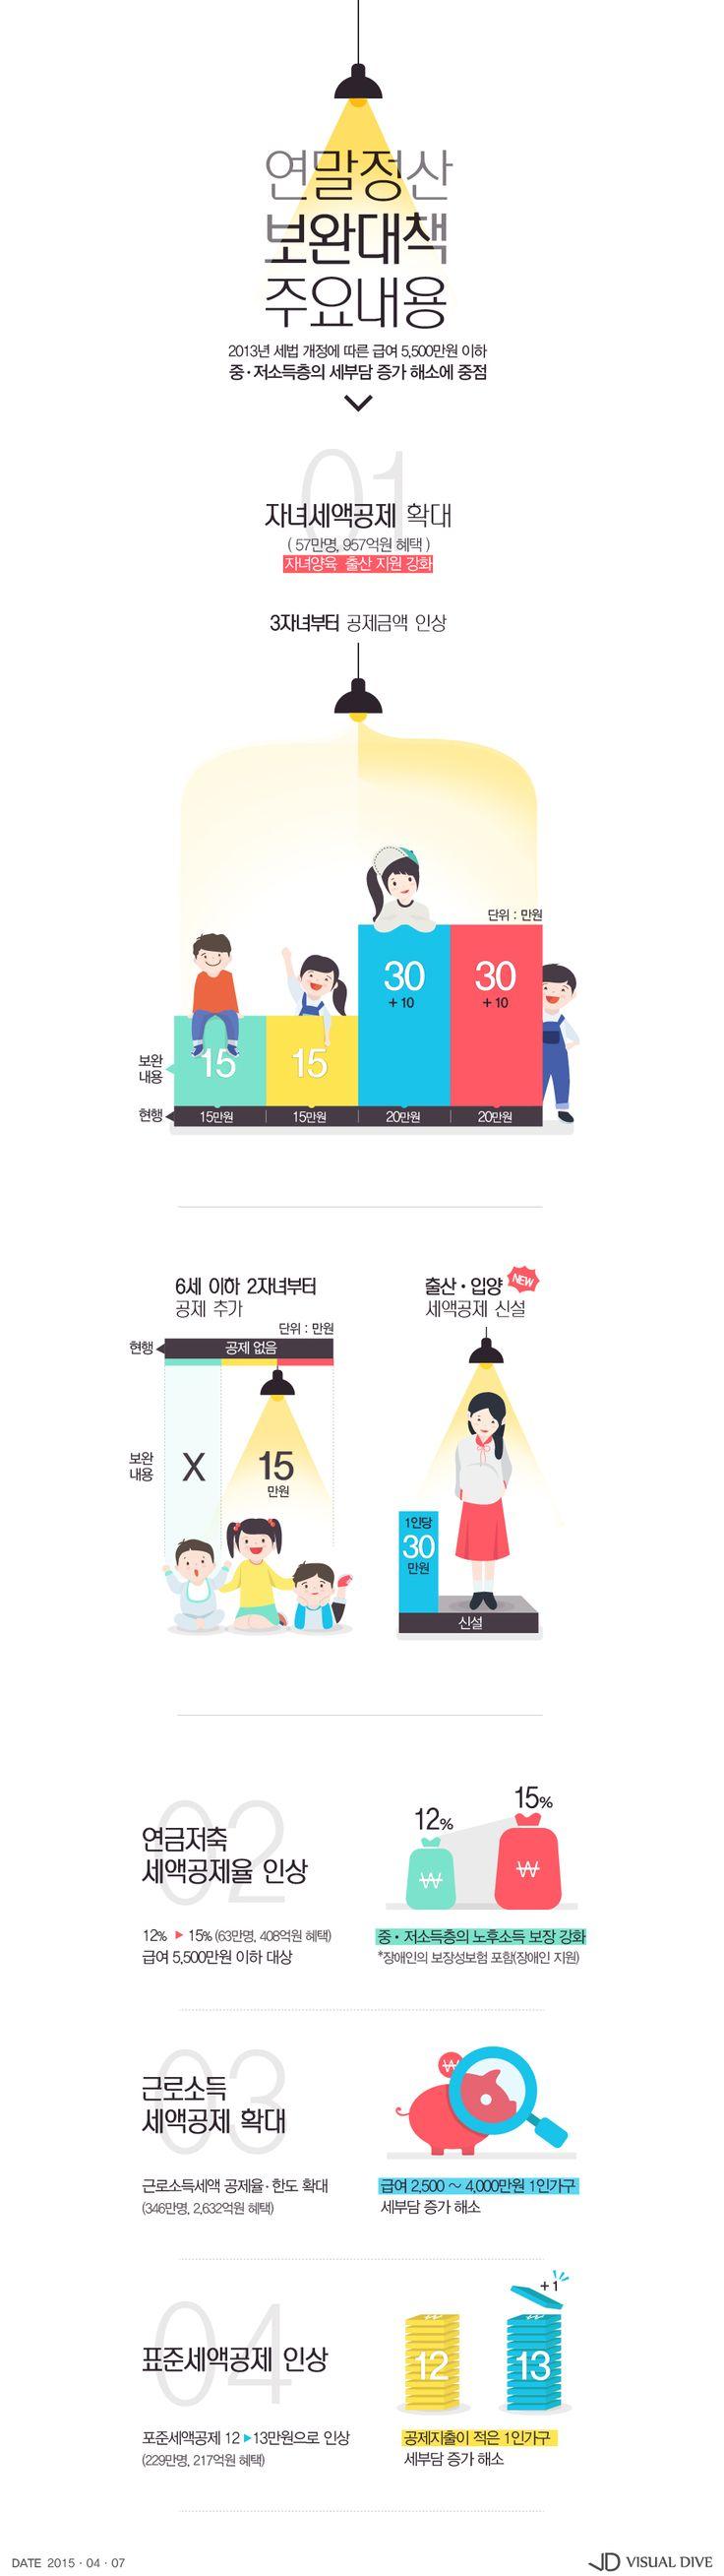 연말정산 보완대책 발표… 직장인 541만 명 세 부담 줄어 #year-end tax adjustment / #Infographic ⓒ 비주얼다이브 무단 복사·전재·재배포 금지